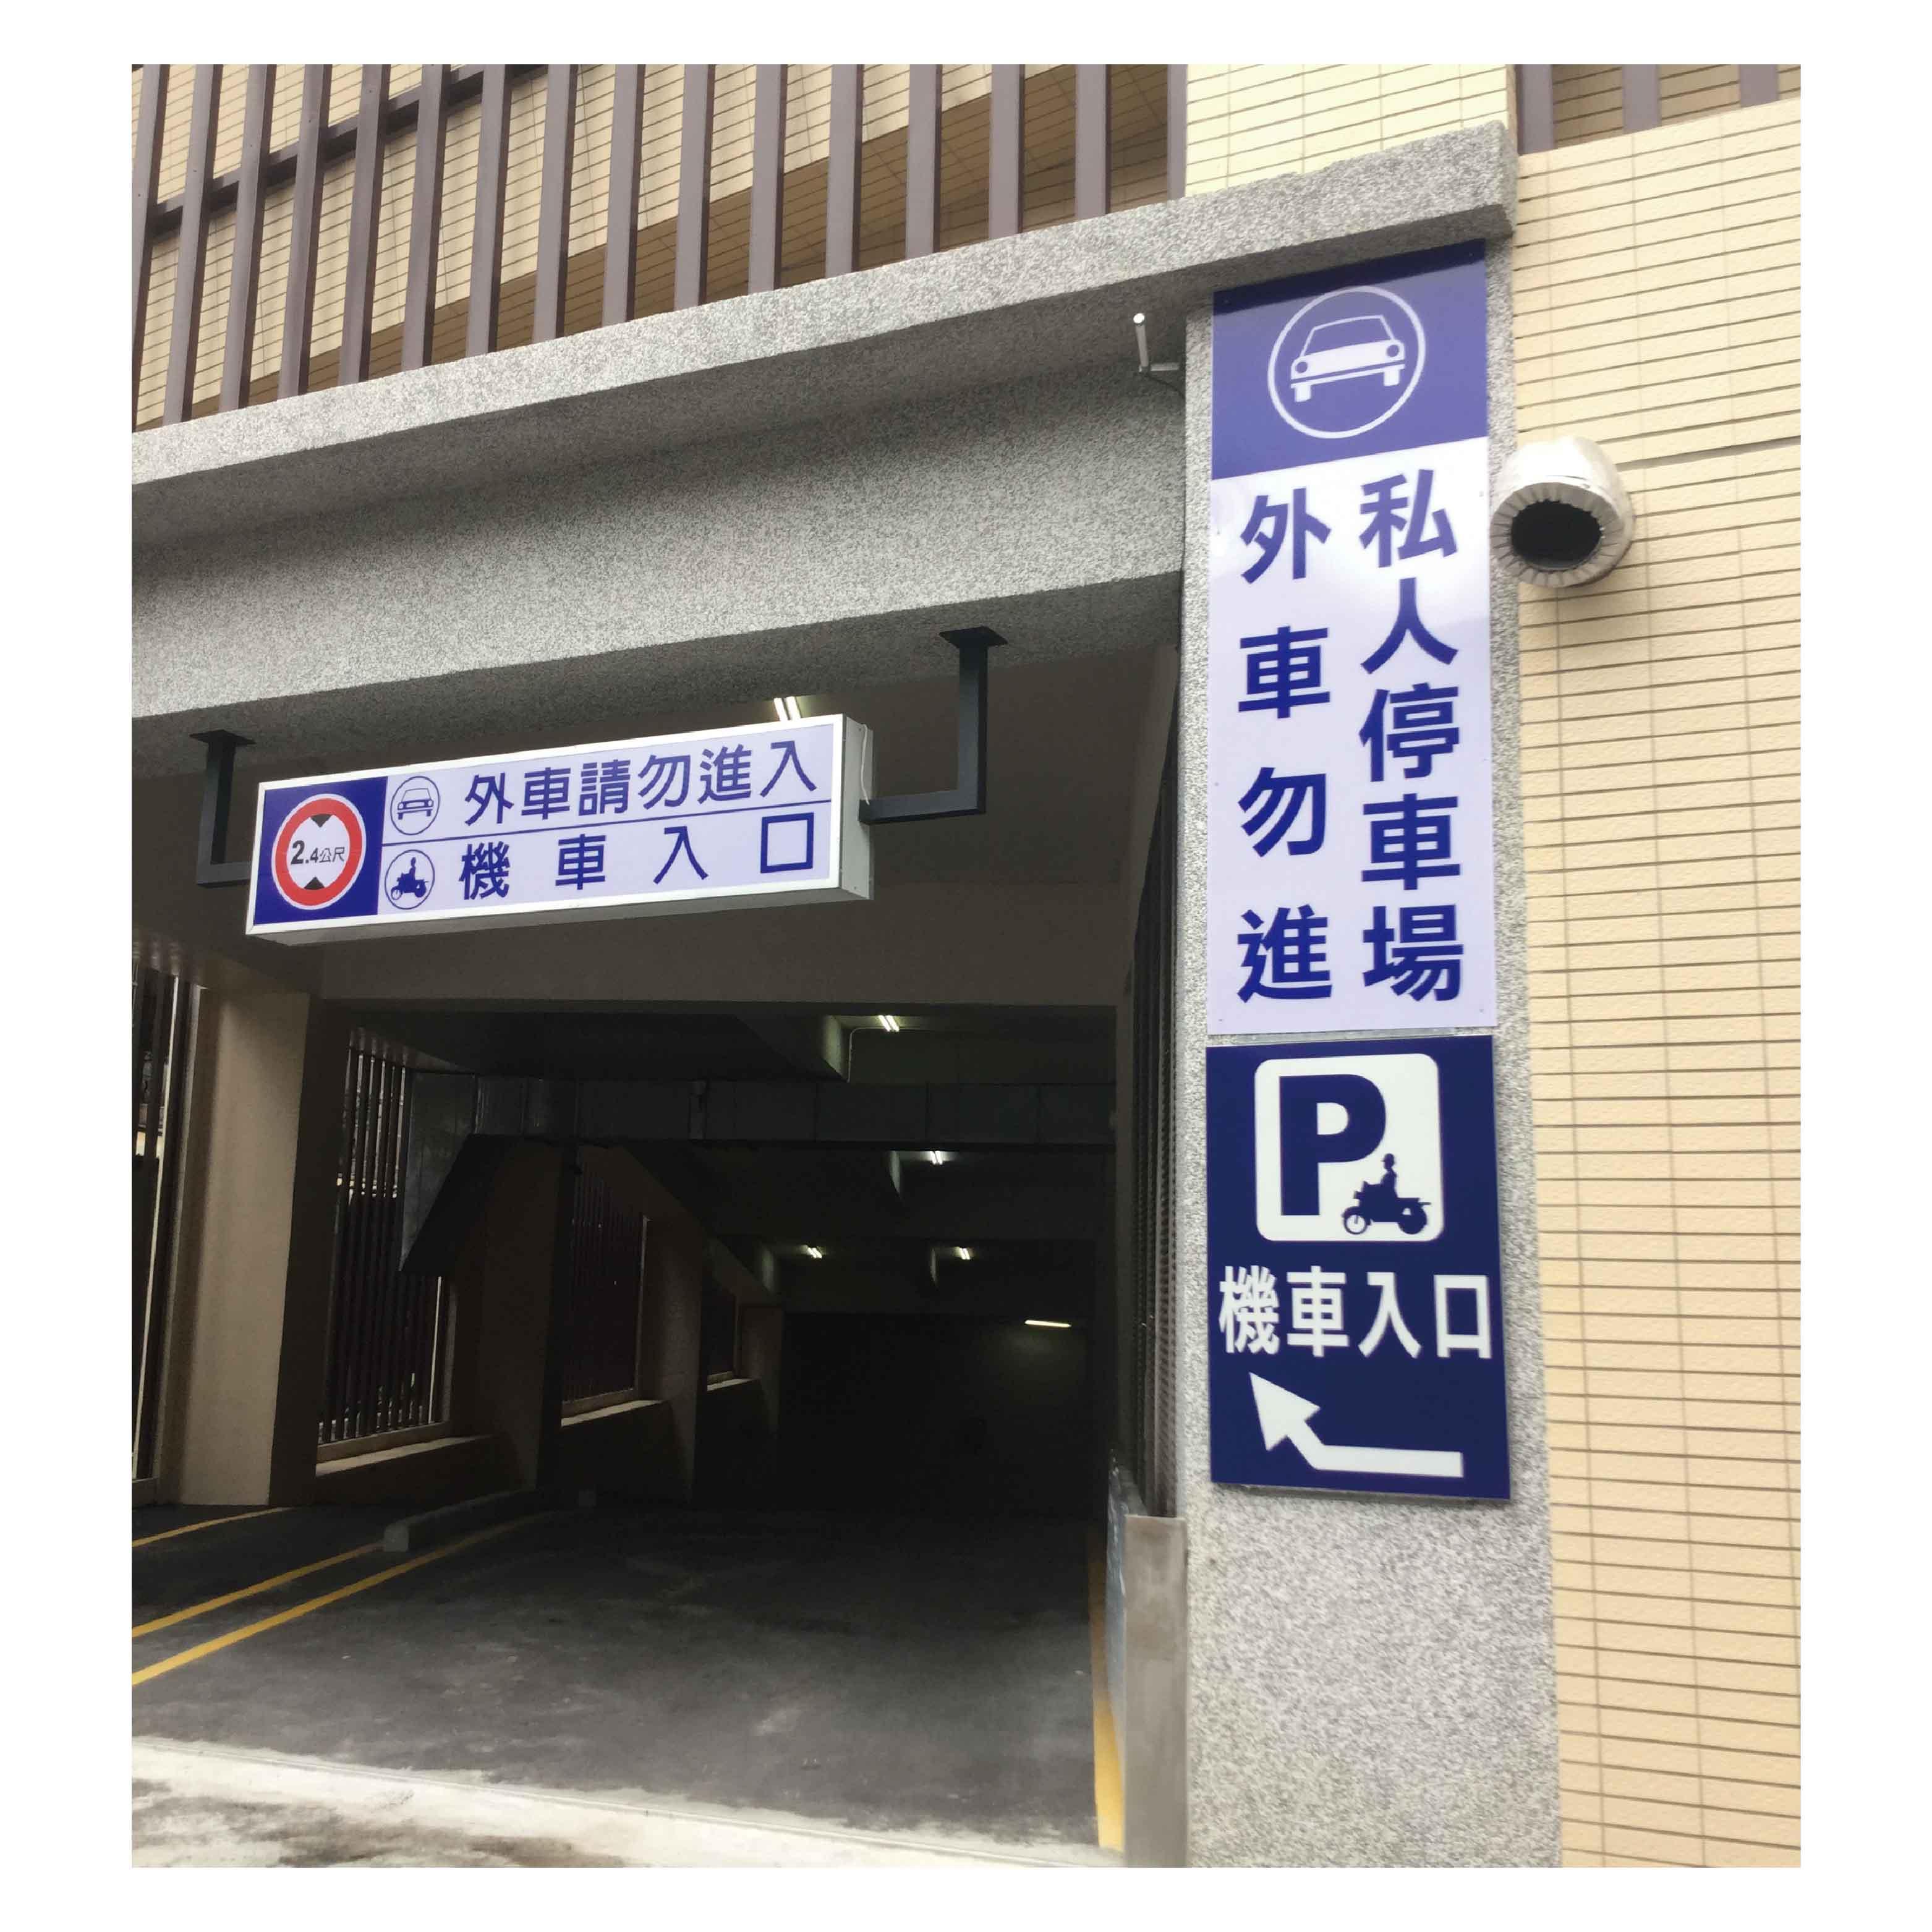 停車場標示牌